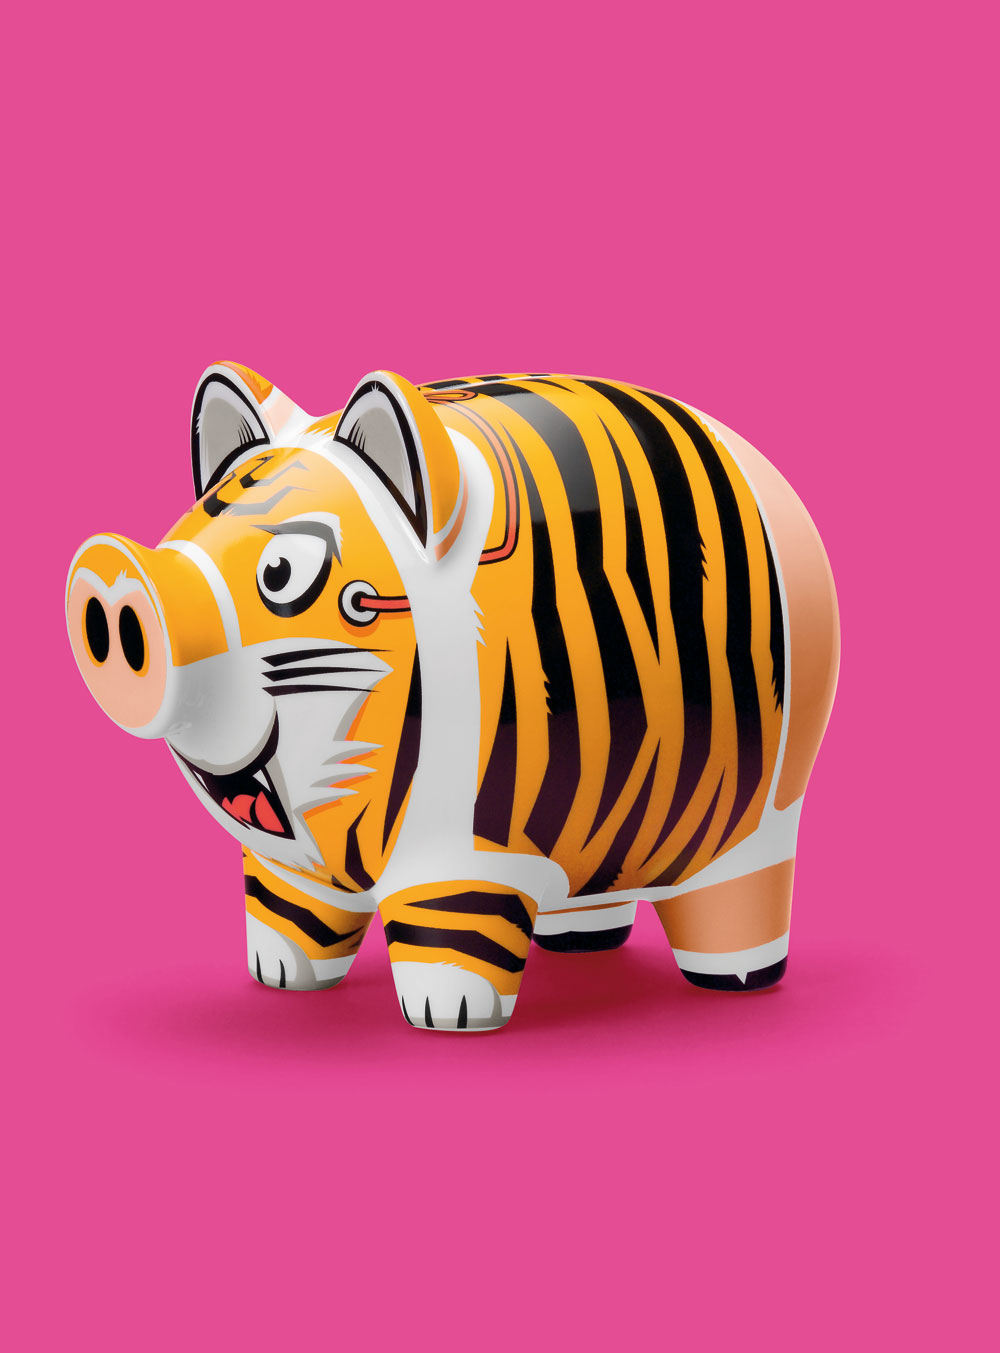 Ritzenhoff - Kasička porcelánová (Prasátko) - Piggy bank - Oliver Hartman